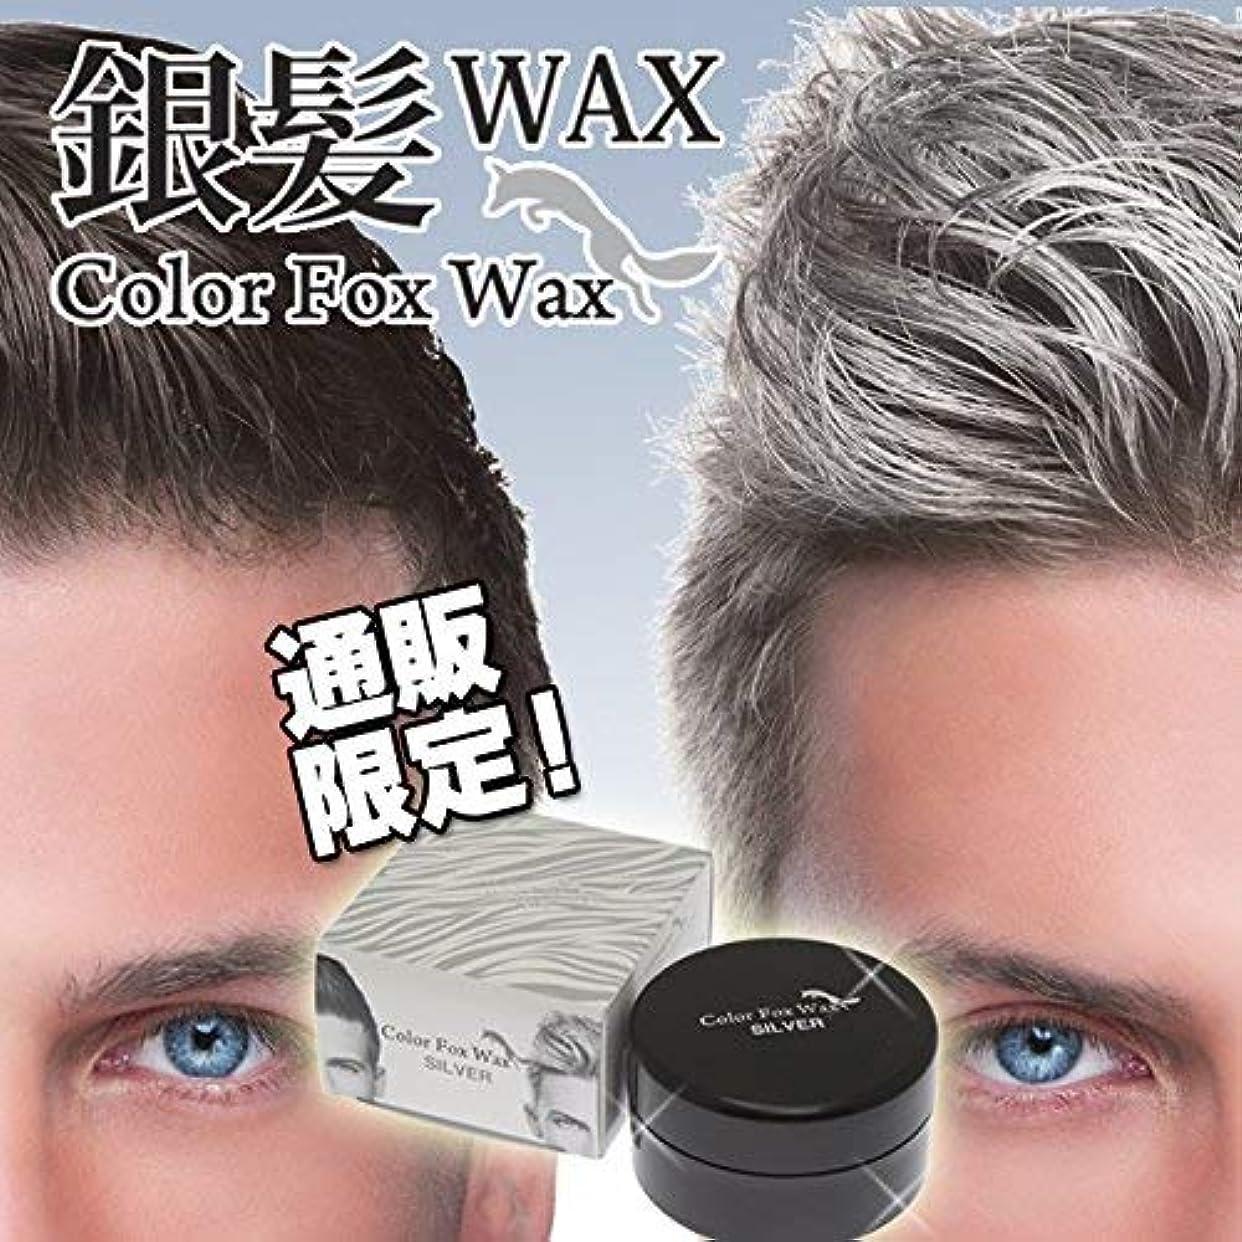 延期する縮約購入【正規品】1DAY銀髪カラーリング カラーフォックスワックス シルバー120g